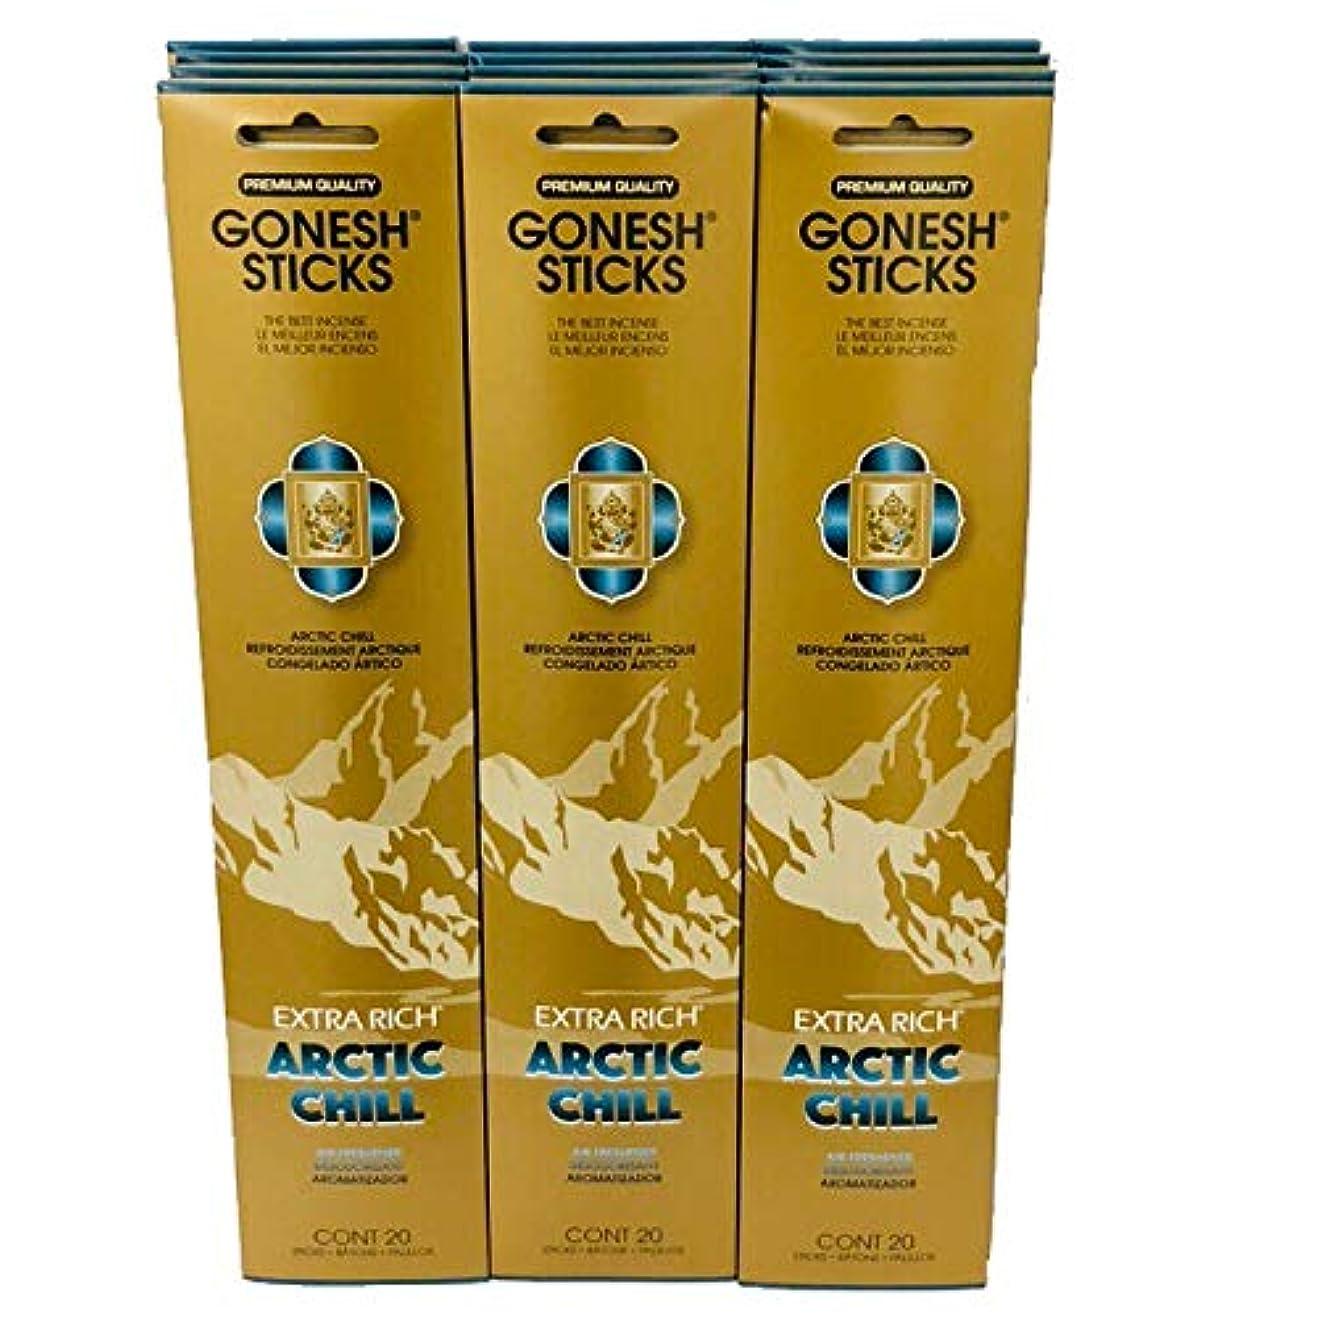 無効畝間桁Gonesh – 12 ARCTIC CHILL PACK ( 240 Sticks ) Incense Sticks Extra Richコレクション